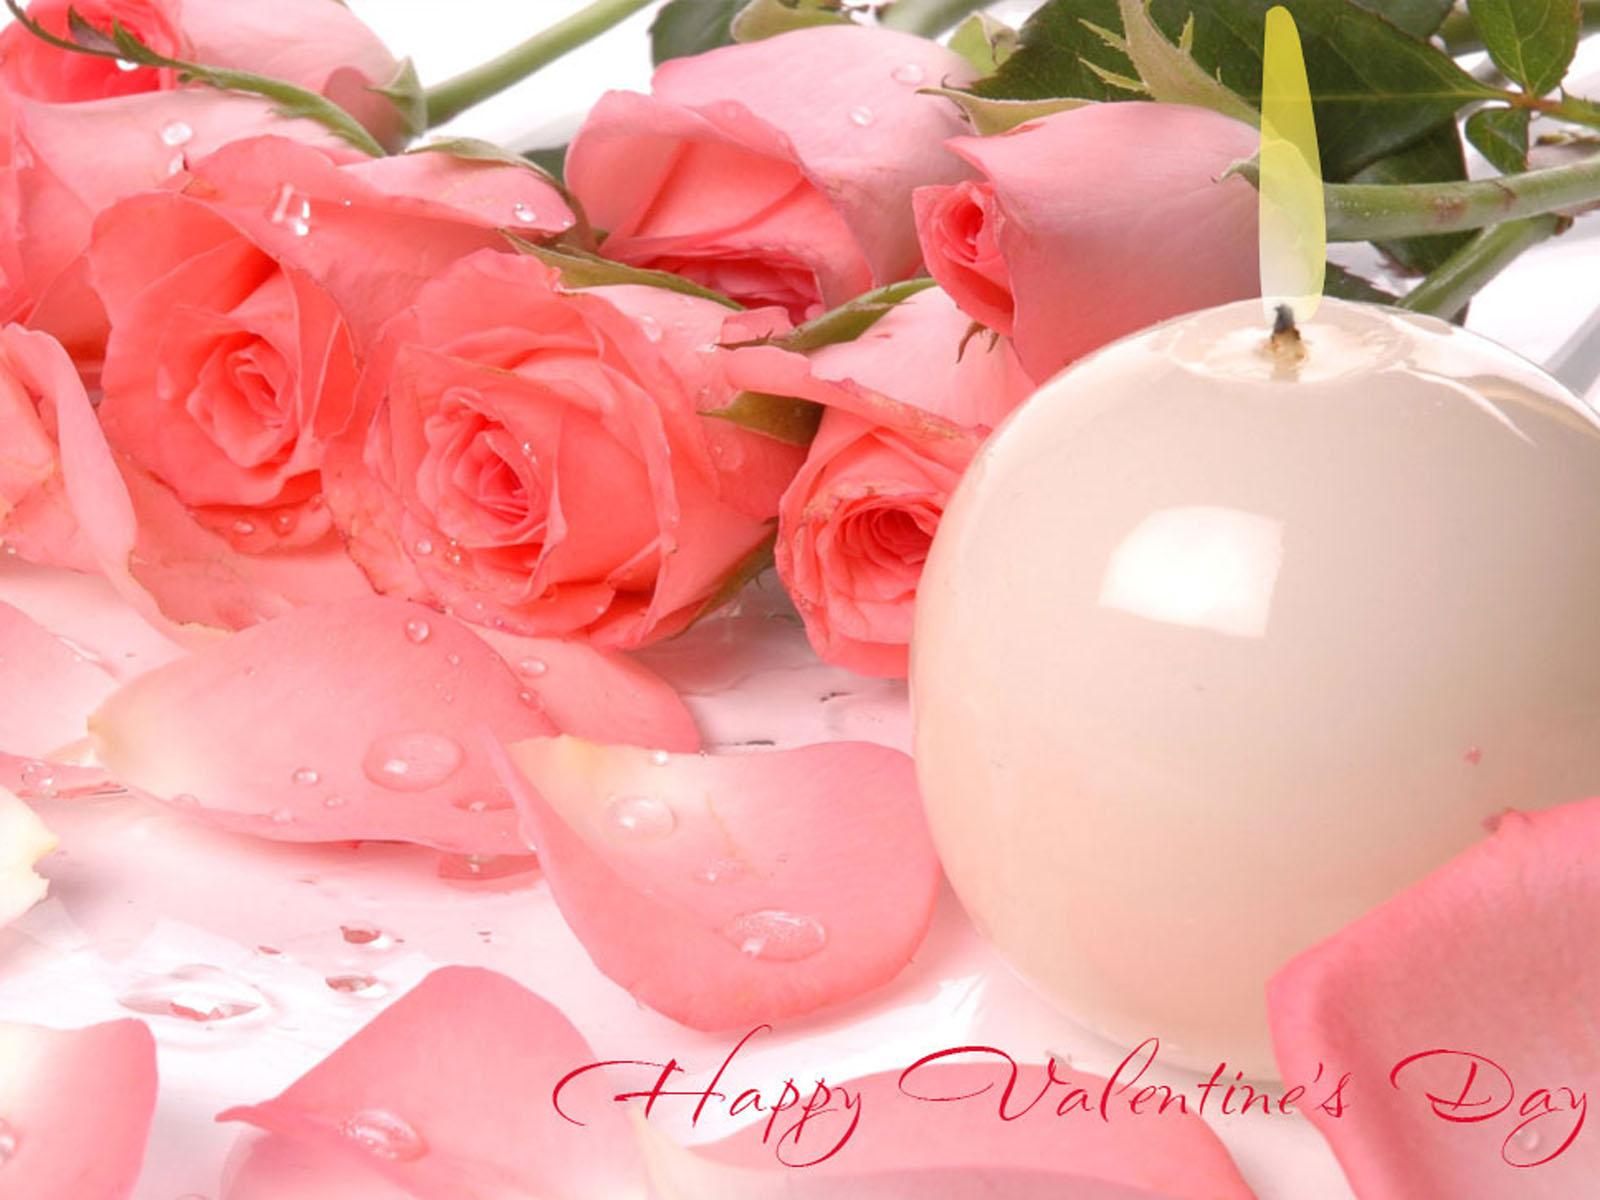 http://2.bp.blogspot.com/-j3ykrWN9CnU/T6QBQEr2SrI/AAAAAAAACYo/vrFfzazSVTc/s1600/Valentines+Day+Wallpapers+2.jpg